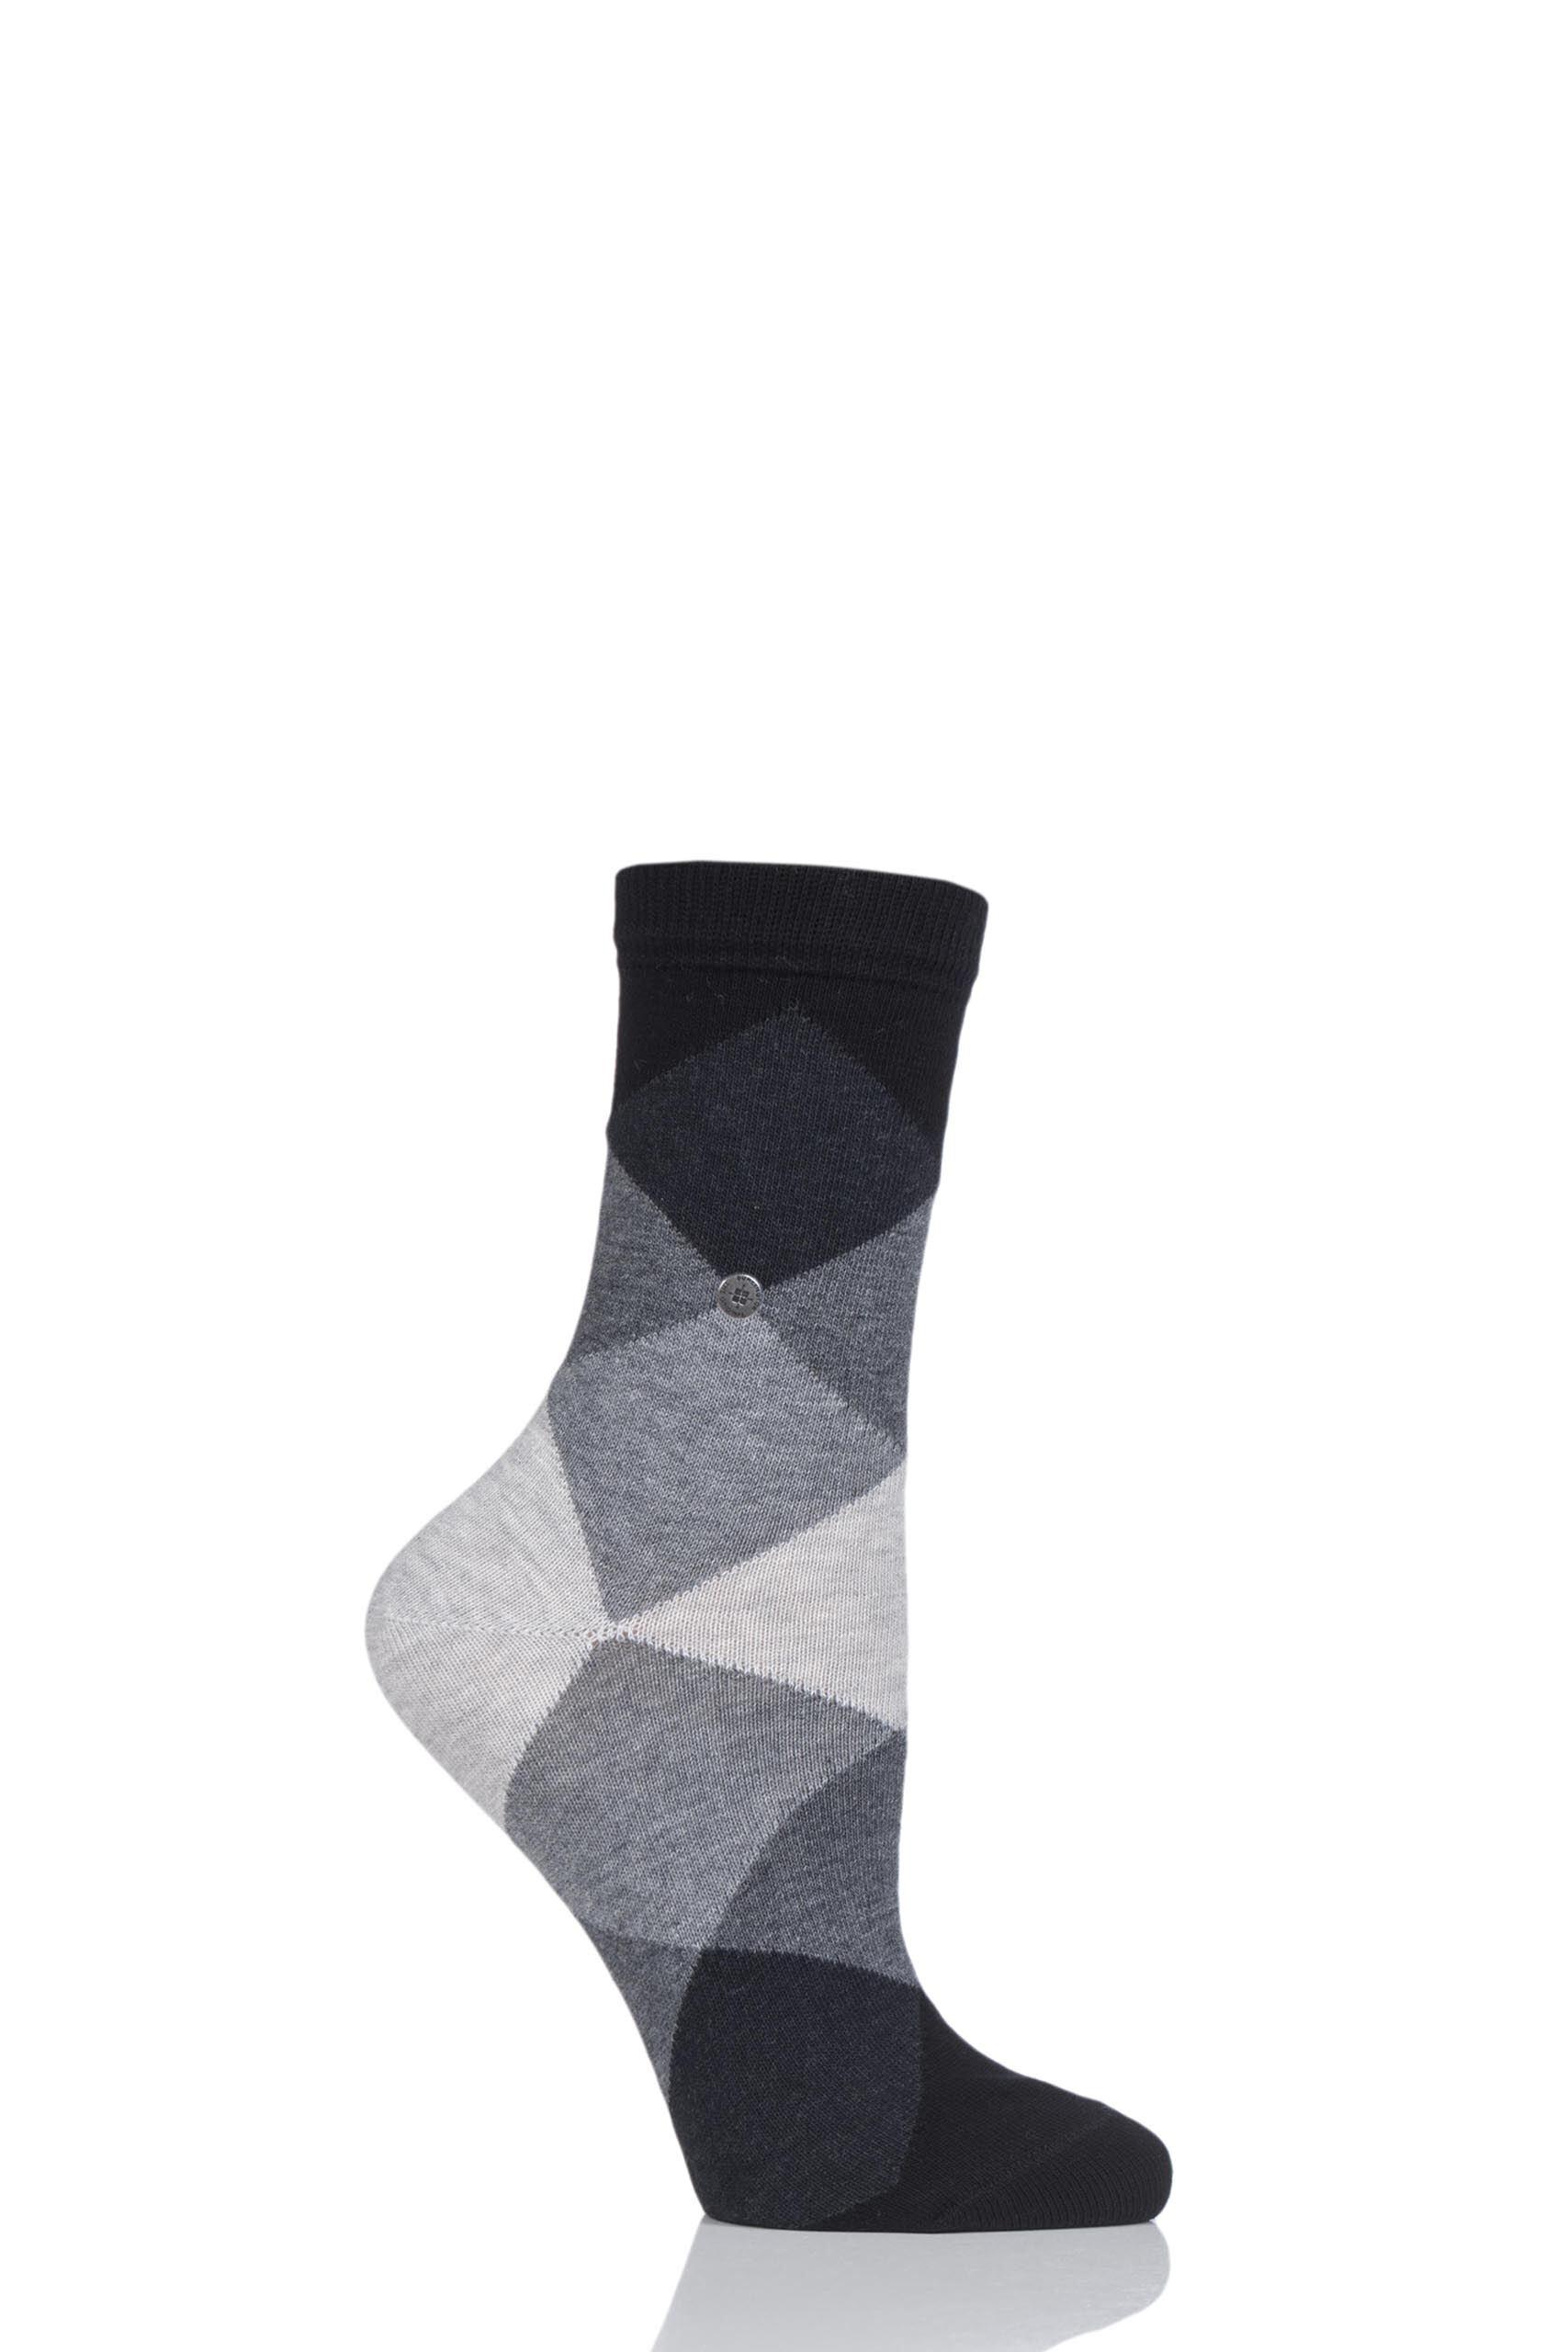 Image of 1 Pair Black Bonnie Cotton All Over Blend Argyle Socks Ladies 2.5-6.5 Ladies - Burlington